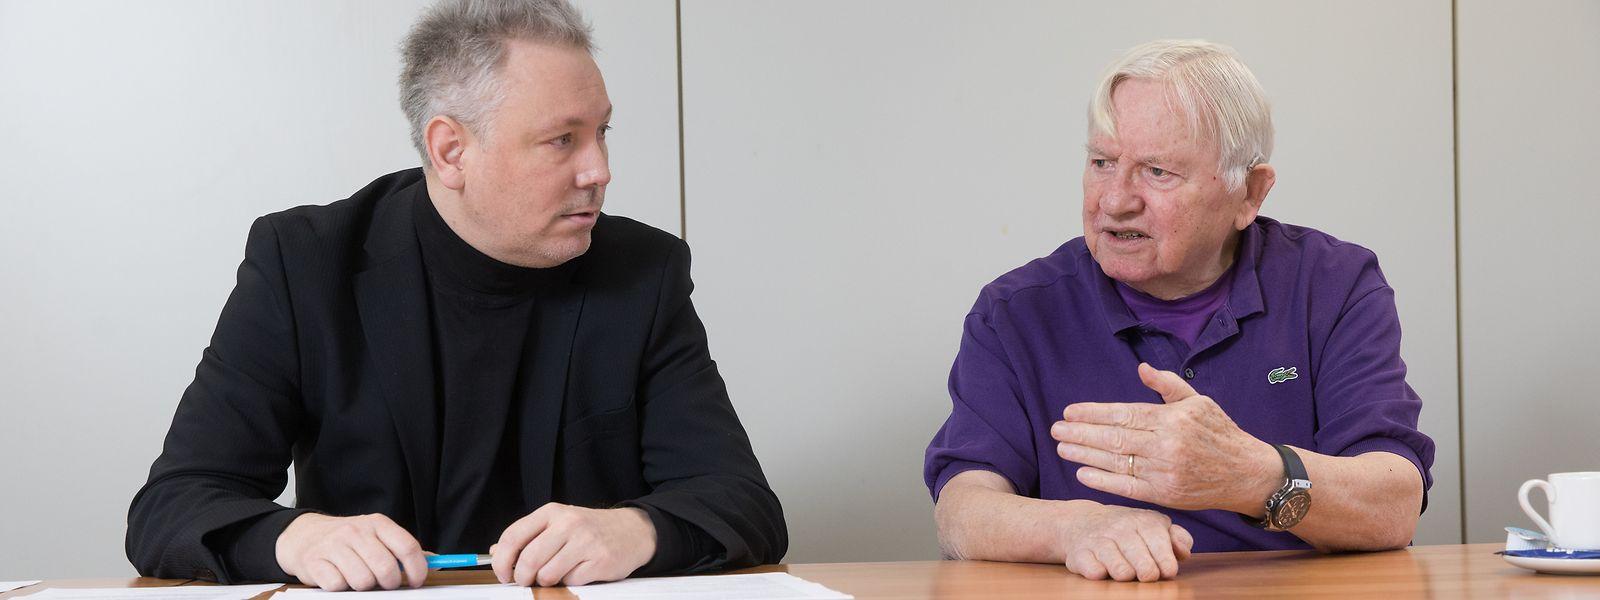 Jérôme Lulling (links) und Lex Roth setzen sich beide auf unterschiedliche Weise für die Förderung der luxemburgischen Sprache ein.